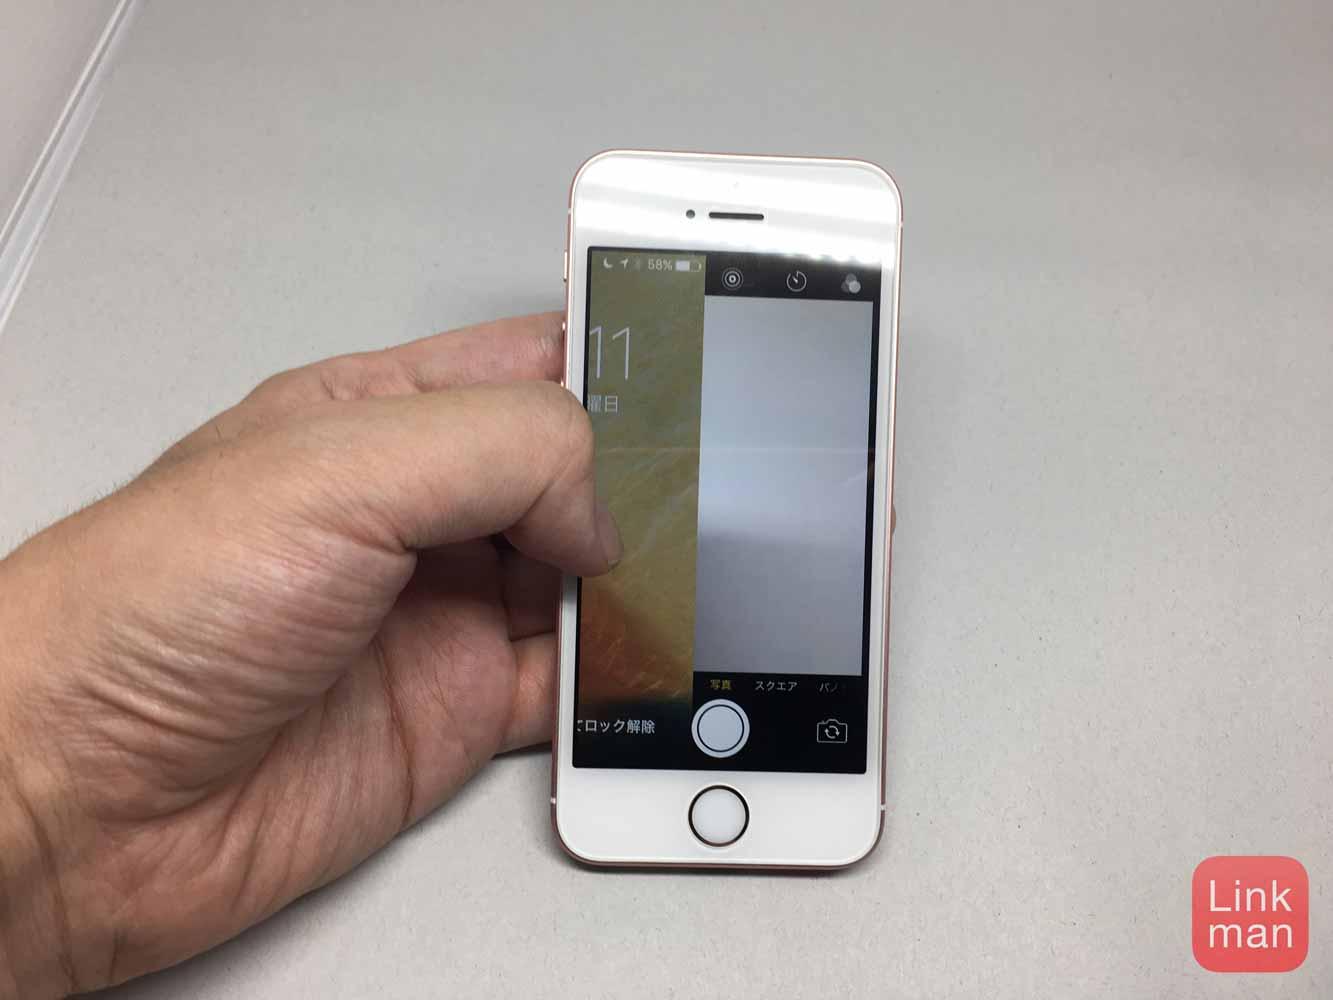 iOS 10:ロック画面からカメラを直接起動する方法が変更 〜 ロック画面を左にスワイプに